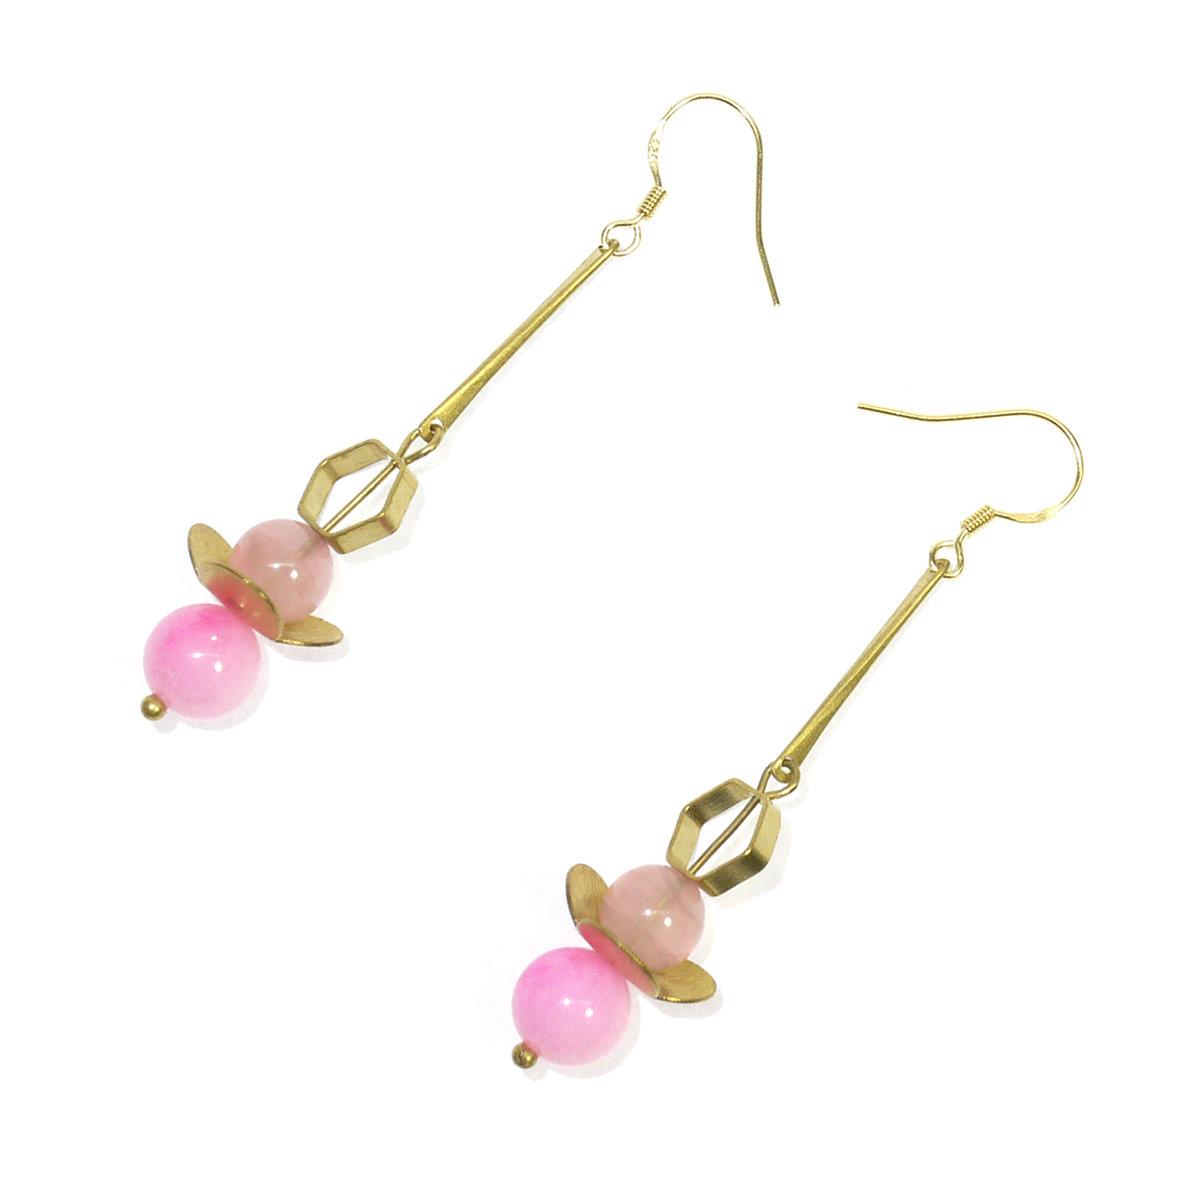 Sakura II — Pink beads, Golden finishing, HK design, gift, free shipping